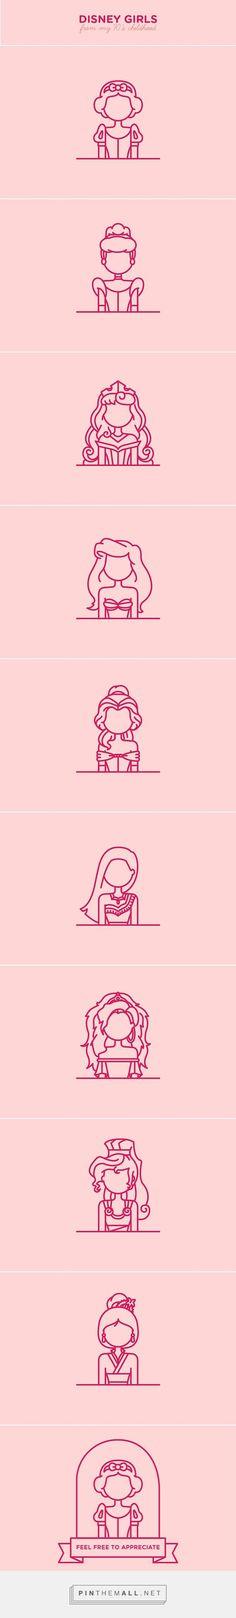 Księżniczki Disneya!  Ubierz postacie z bajek na http://www.ubieranki.eu/ubieranki.html